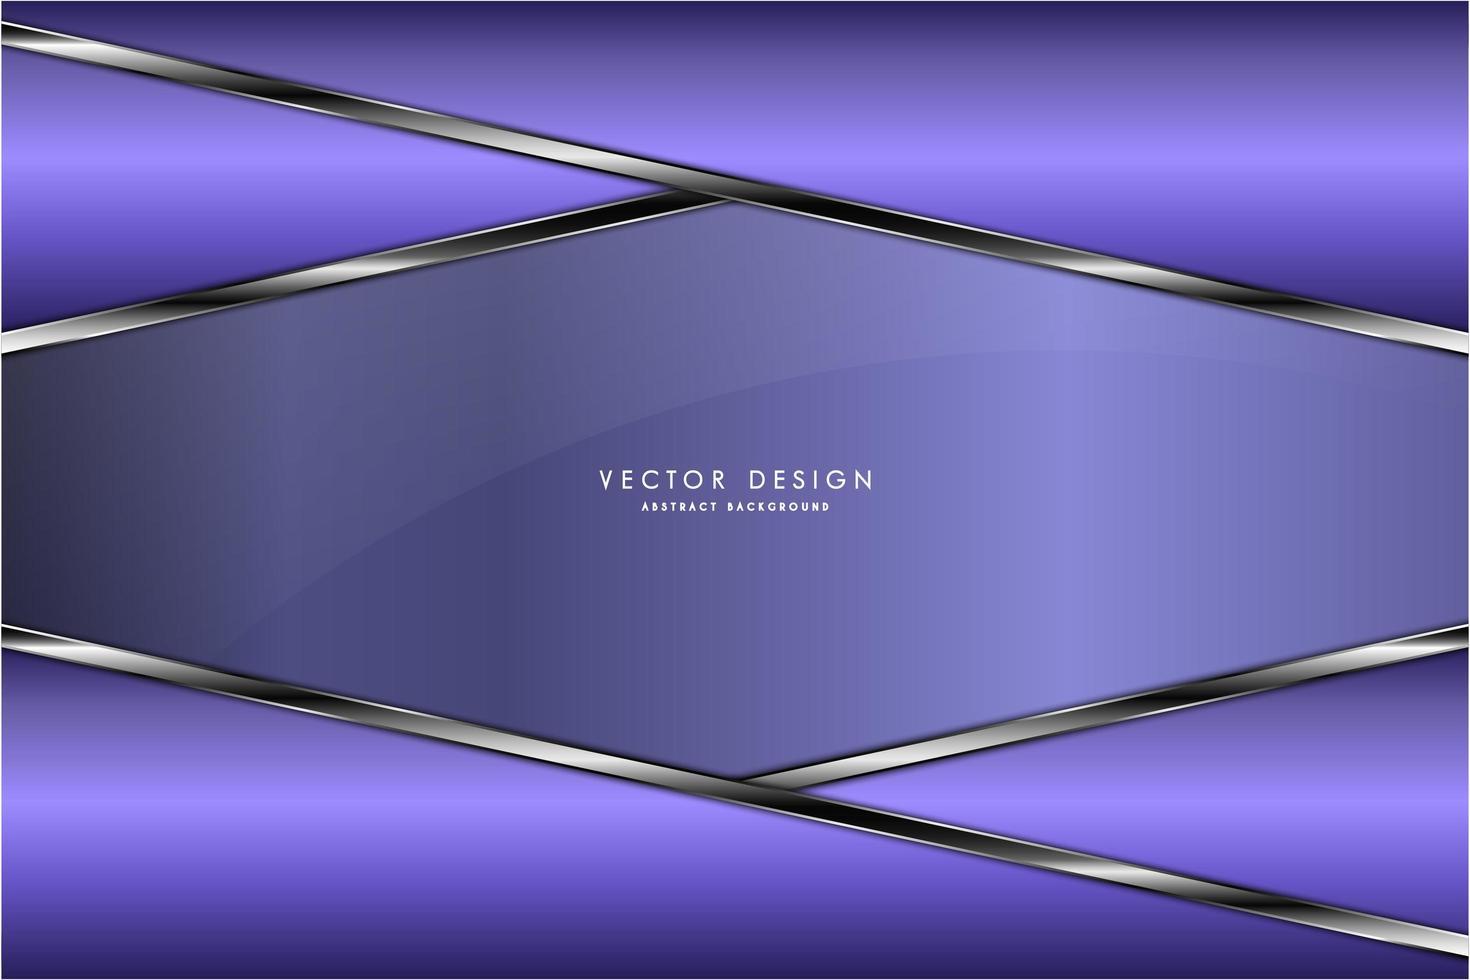 placas anguladas de color púrpura metálico con bordes plateados vector